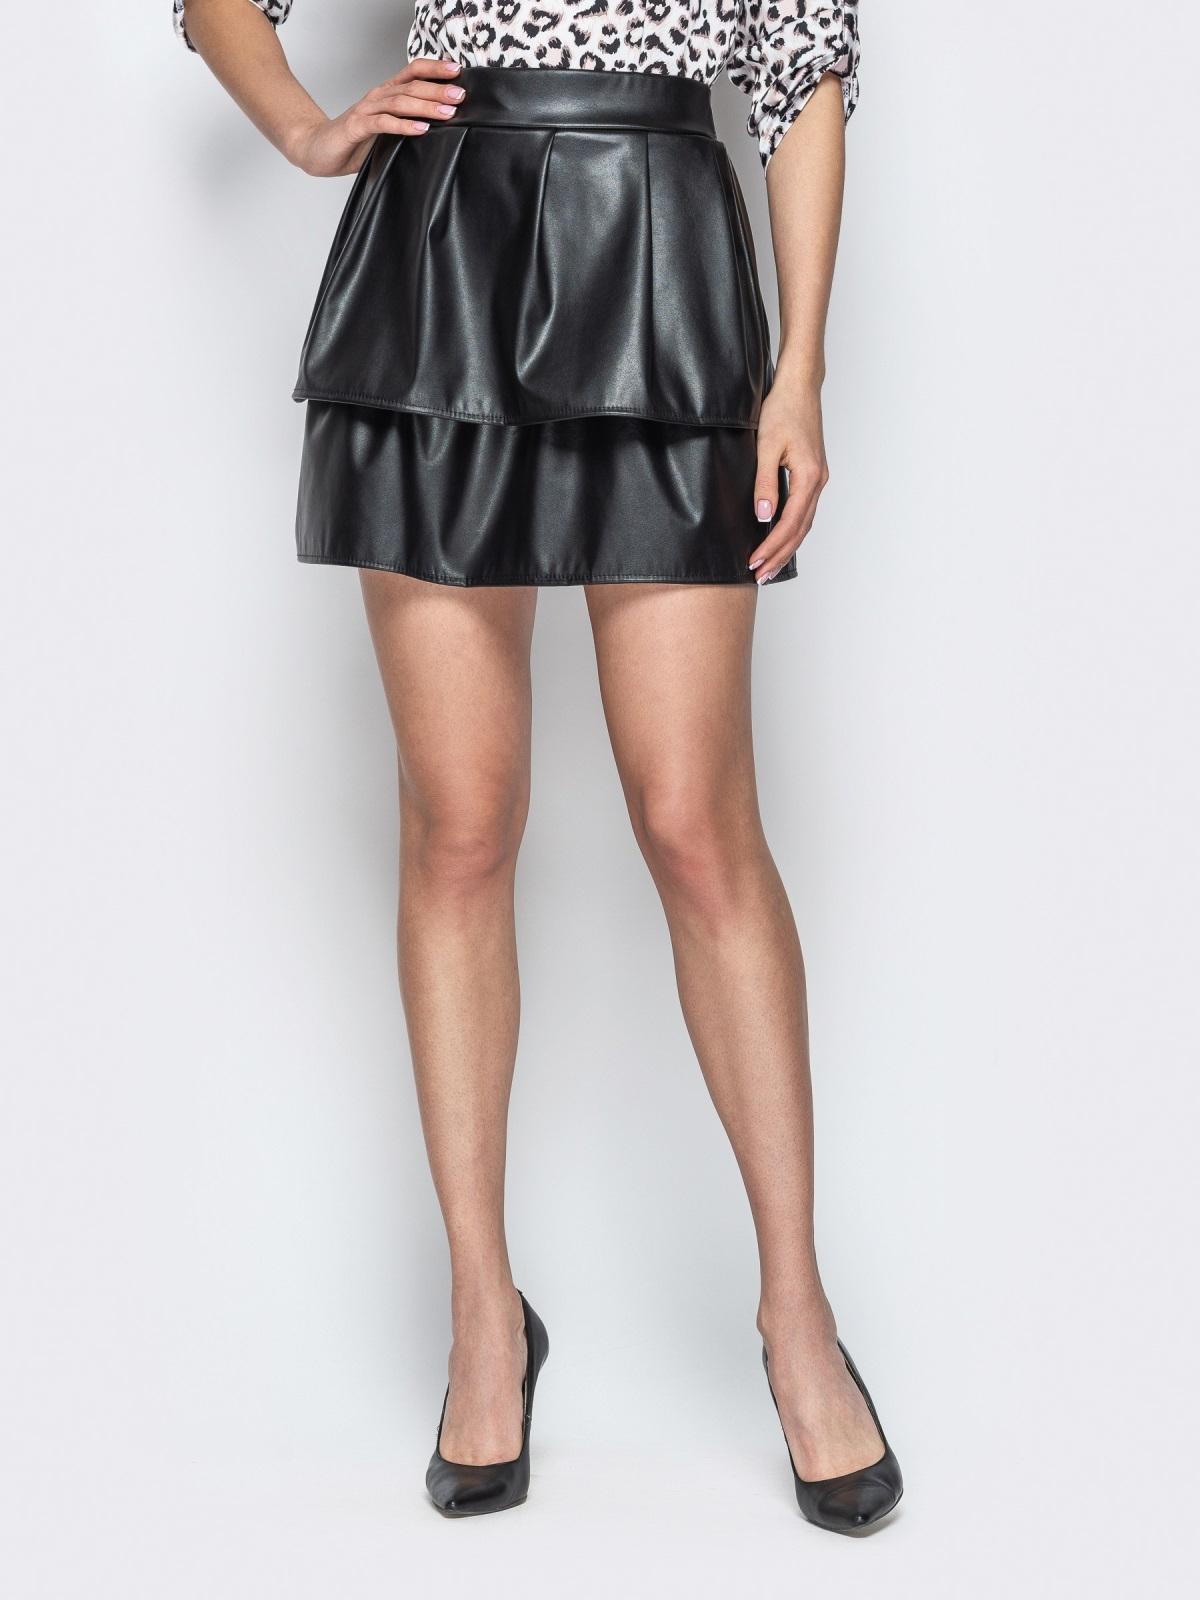 Двухъярусная юбка-мини из эко-кожи чёрная - 20736, фото 1 – интернет-магазин Dressa